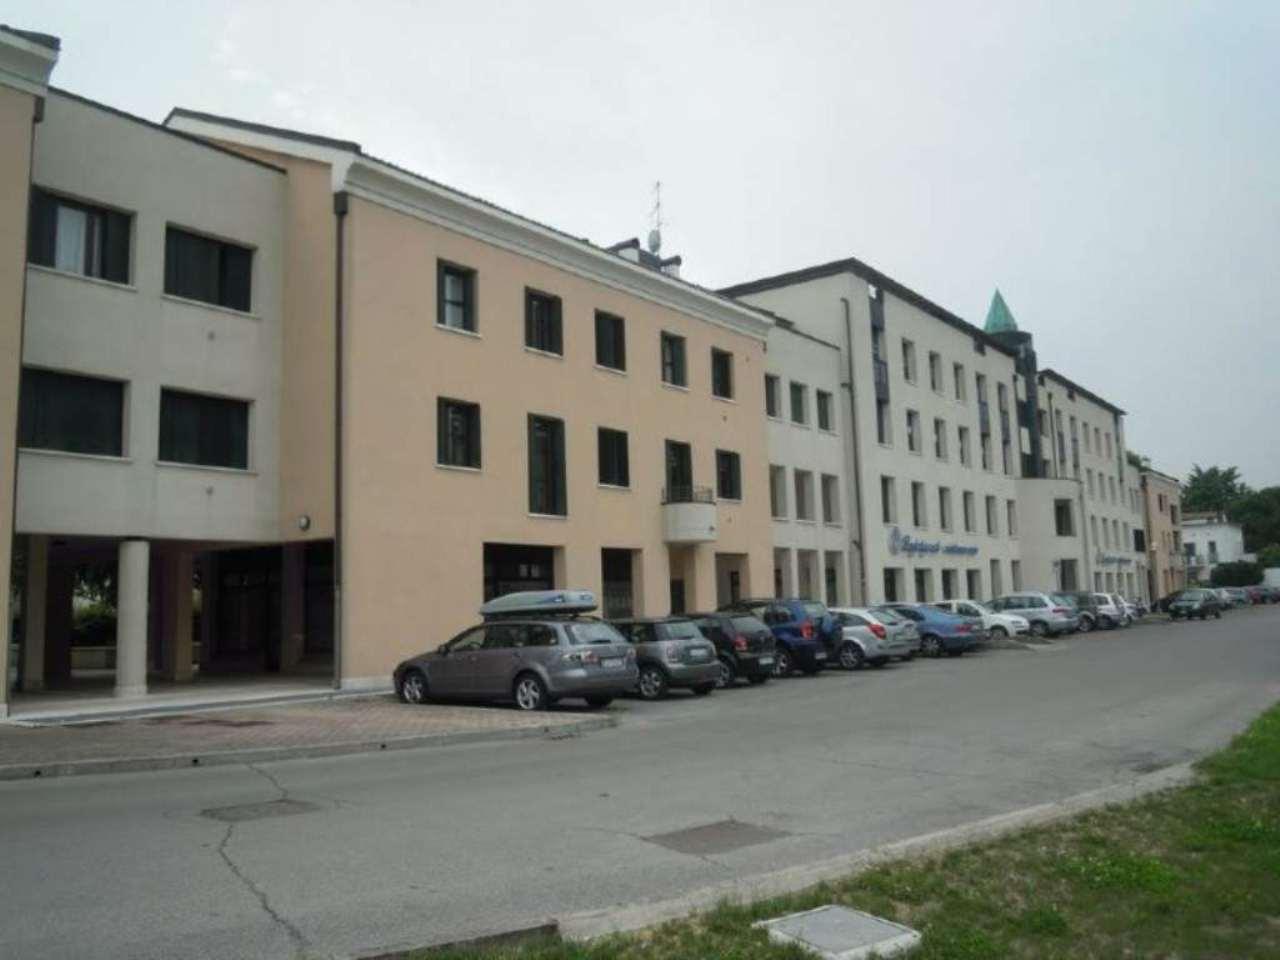 Appartamento in vendita a Castelfranco Veneto, 2 locali, prezzo € 95.000 | CambioCasa.it